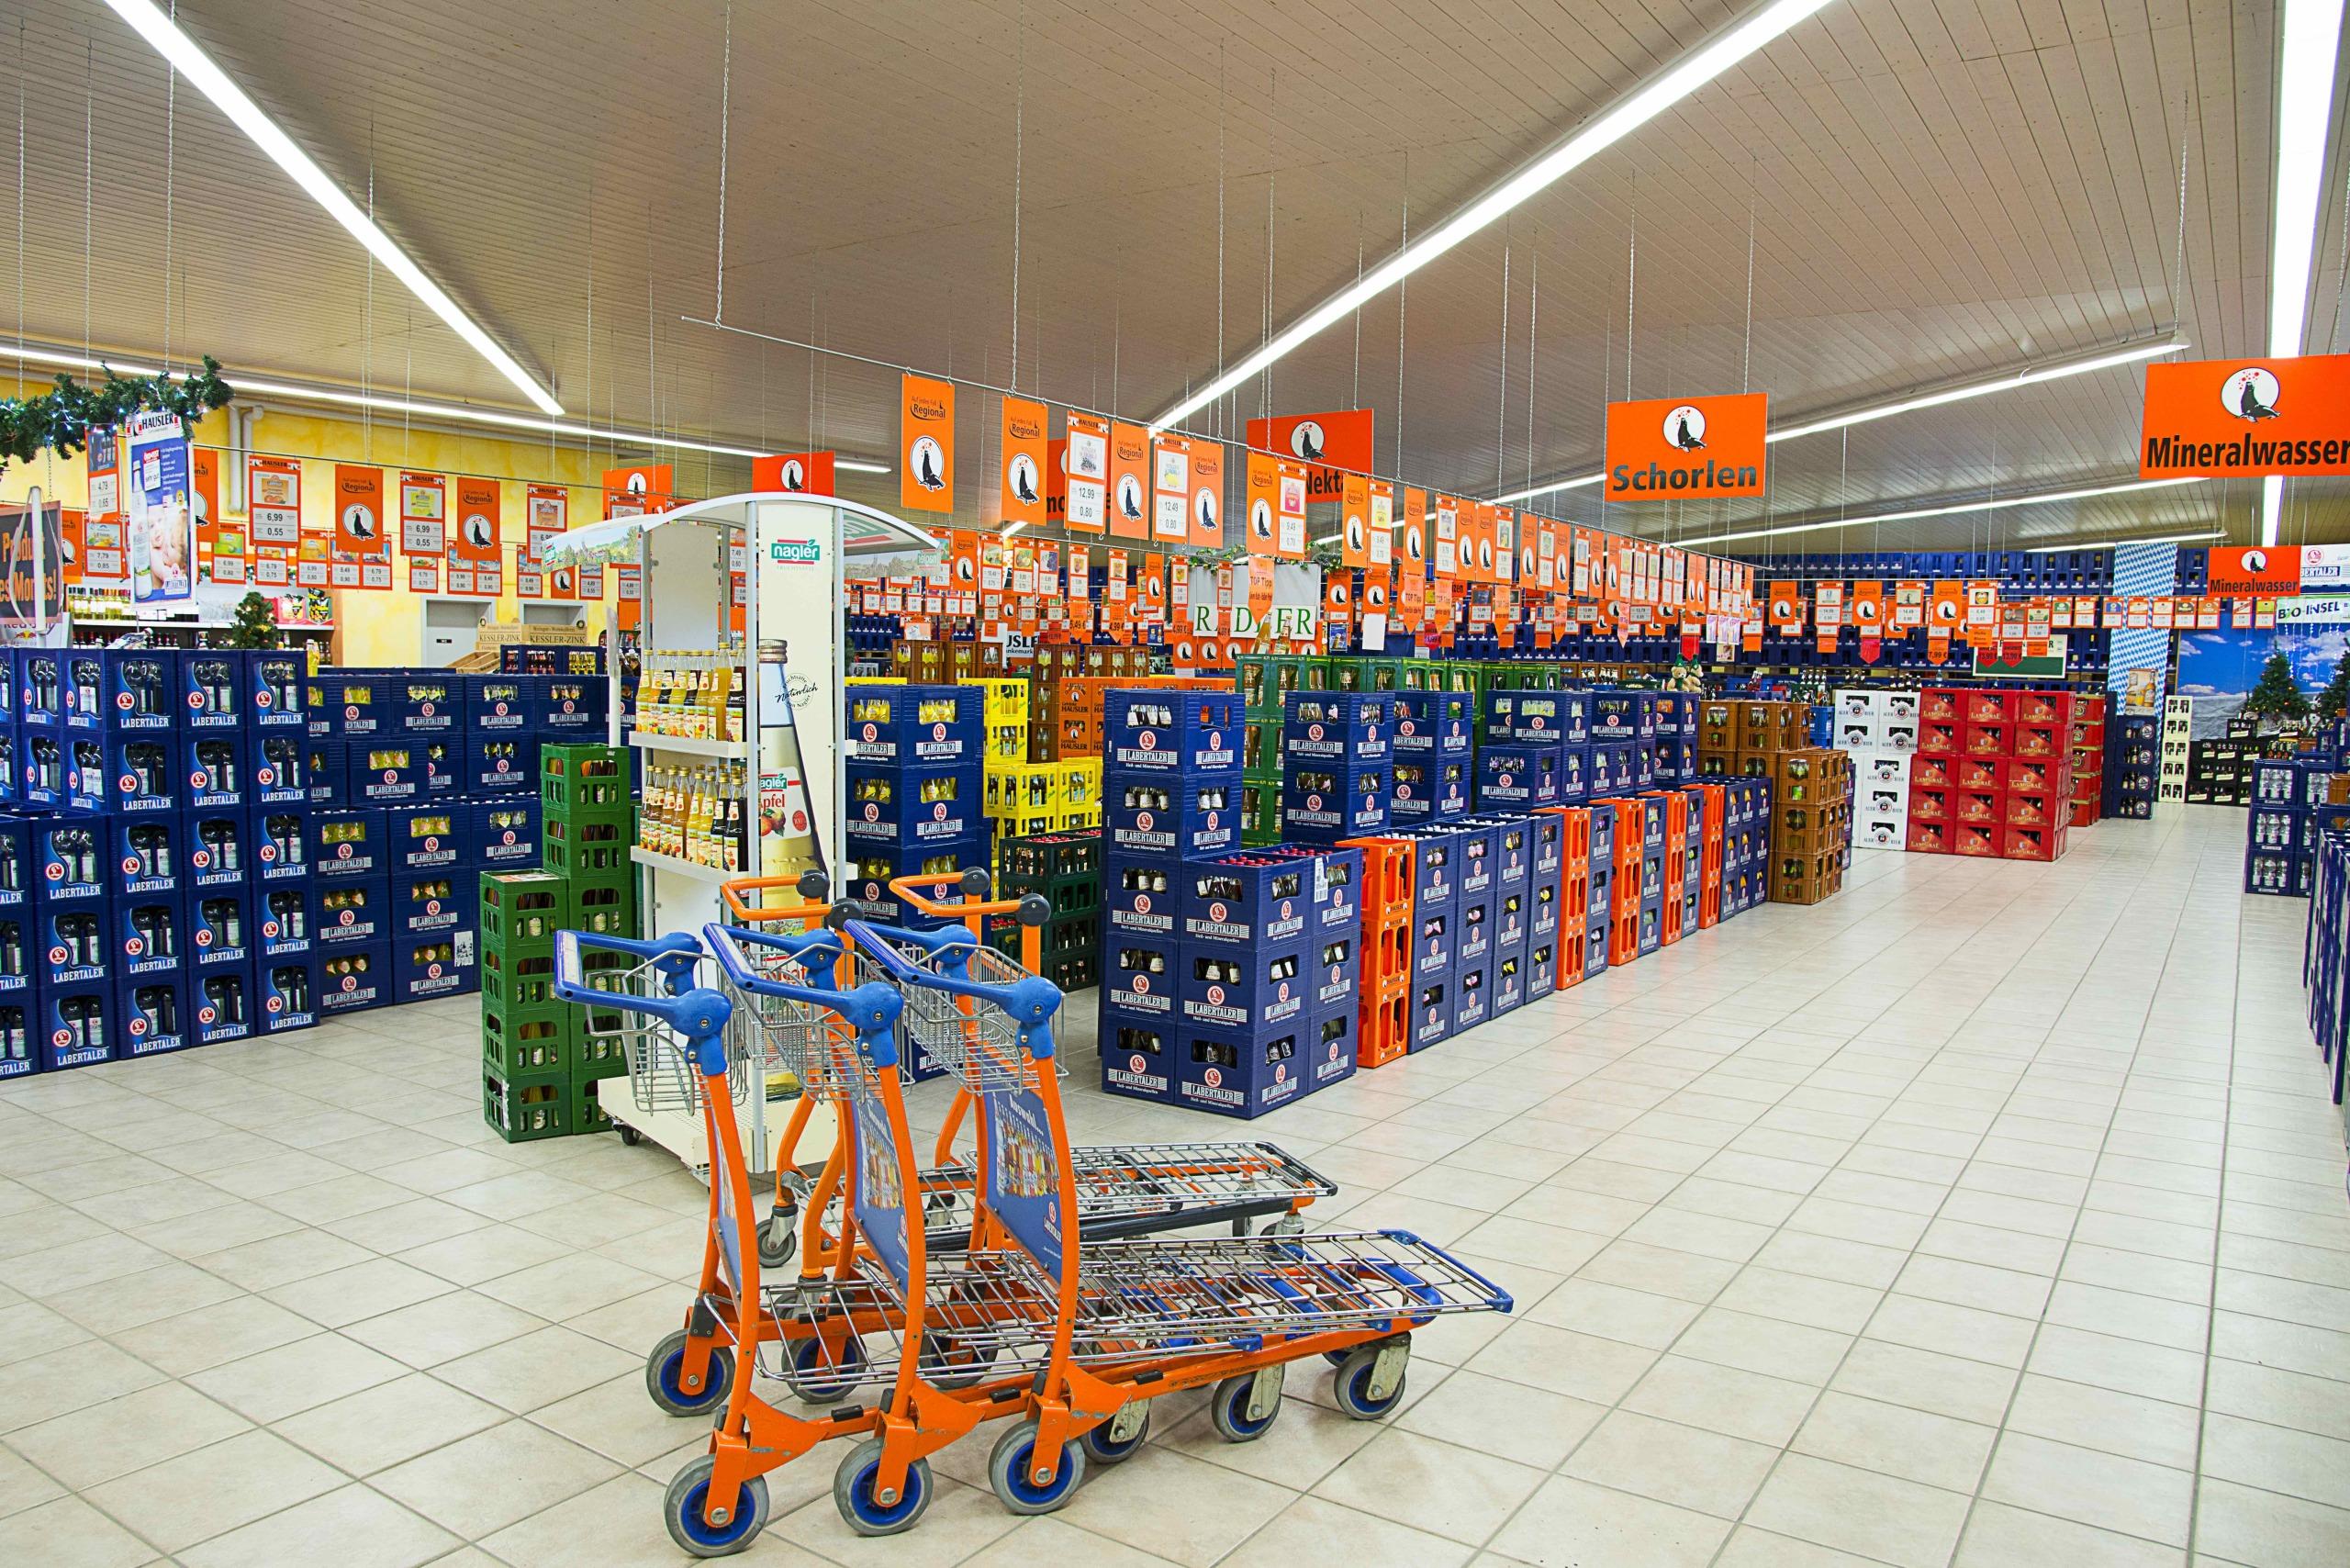 Hausler Getränkemarkt _ Schorlen und Mineralwasser